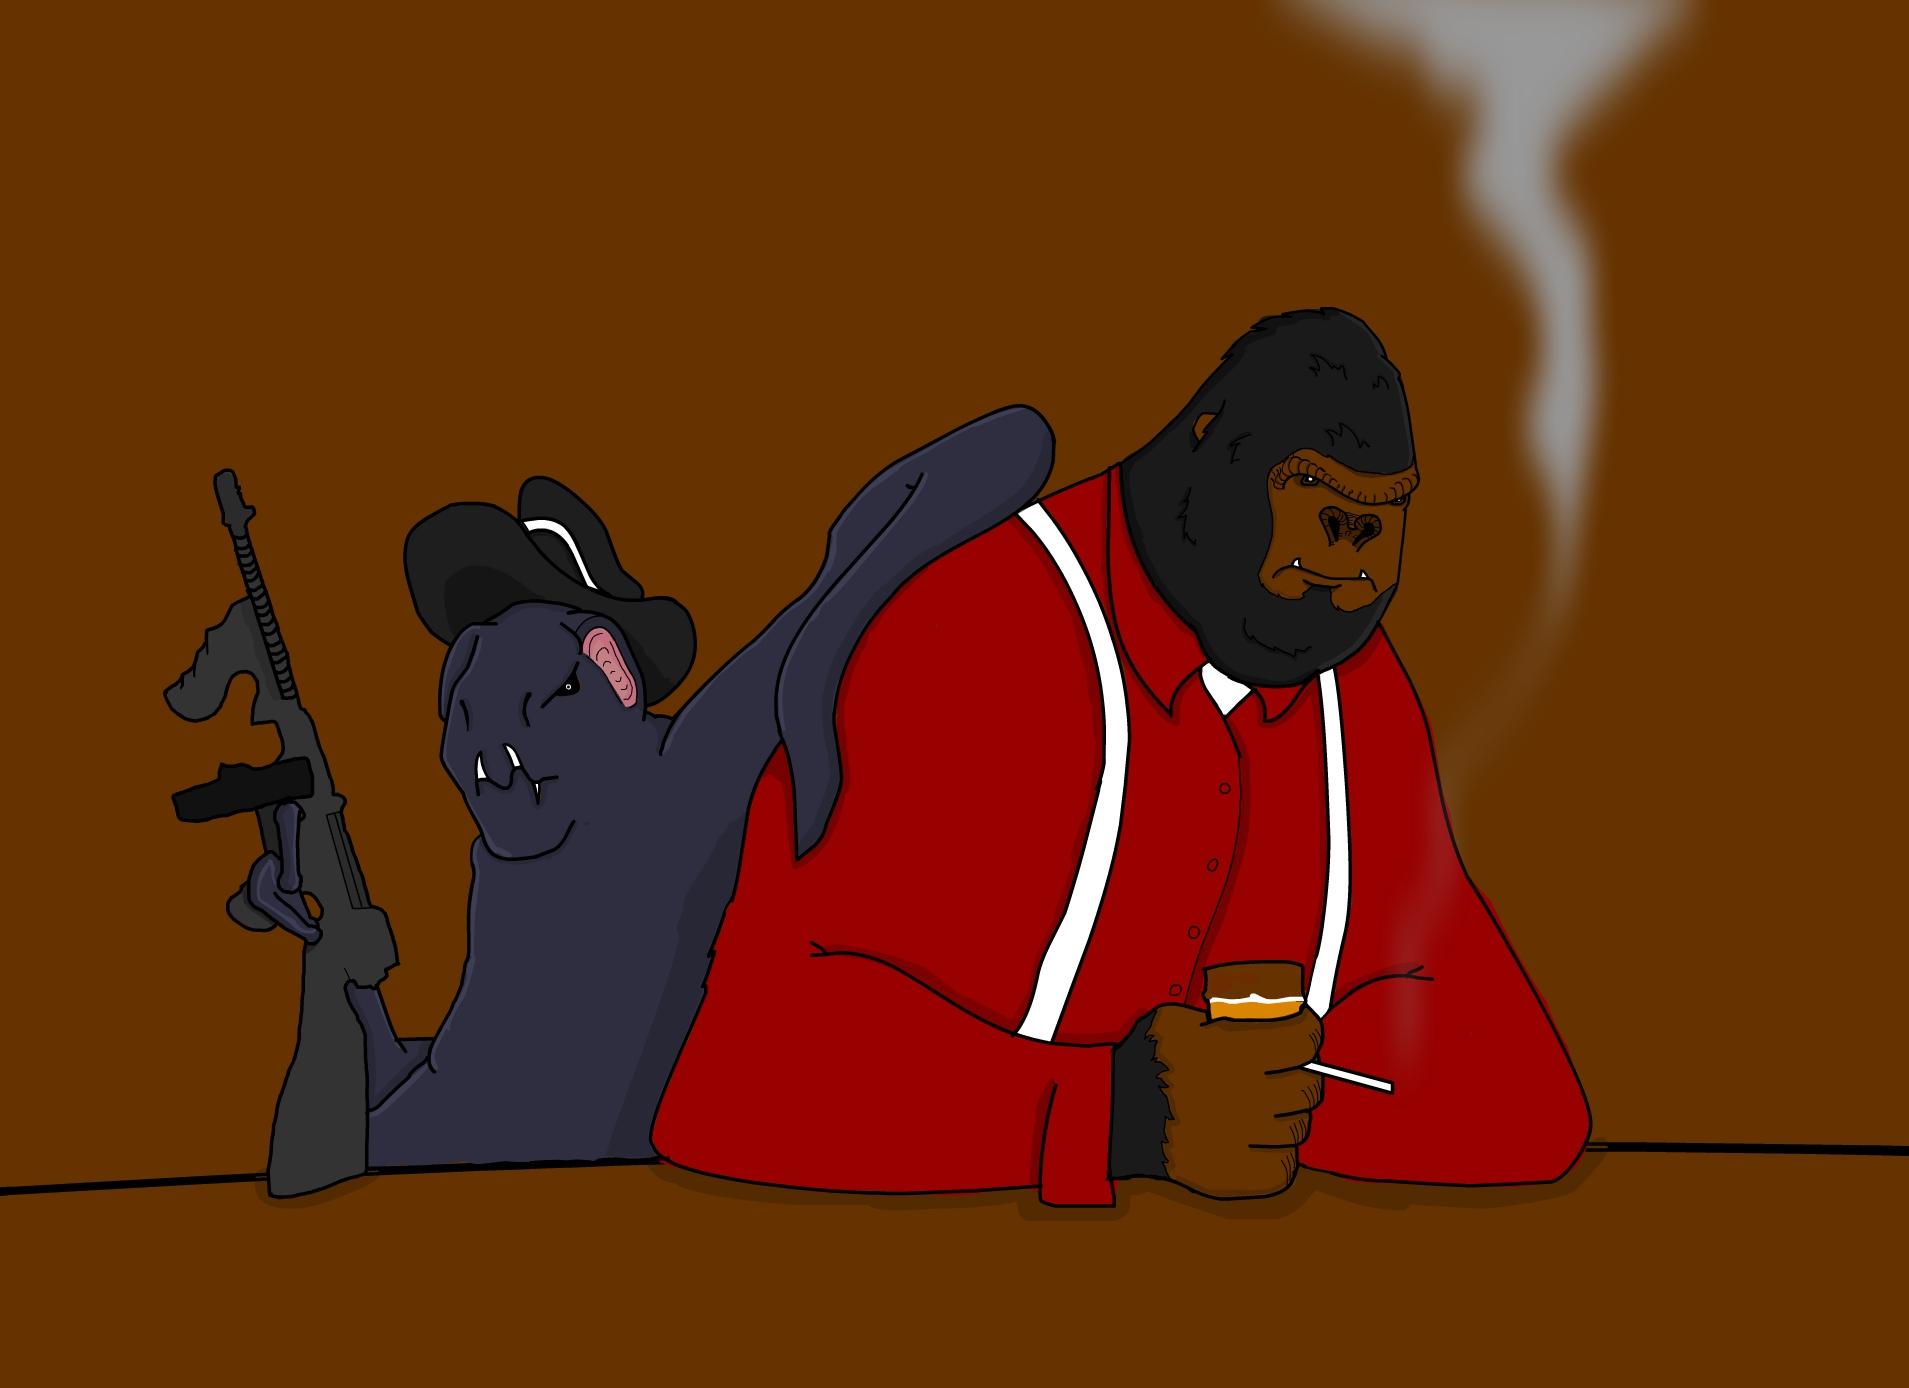 Clover 'n Kong